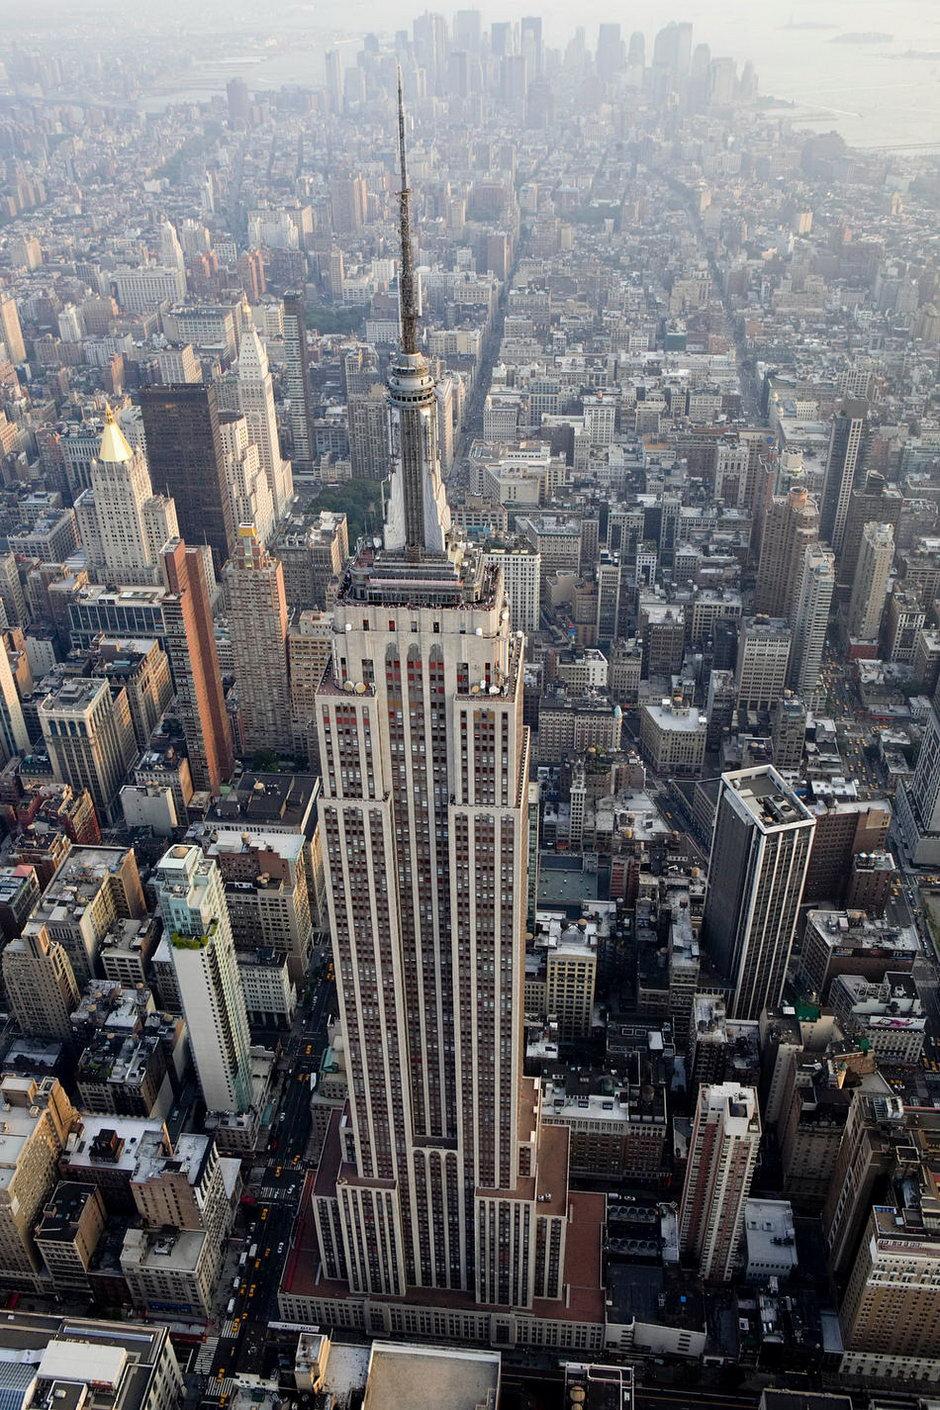 empire state nyc new york city skyline cityscape architecture building skyscraper